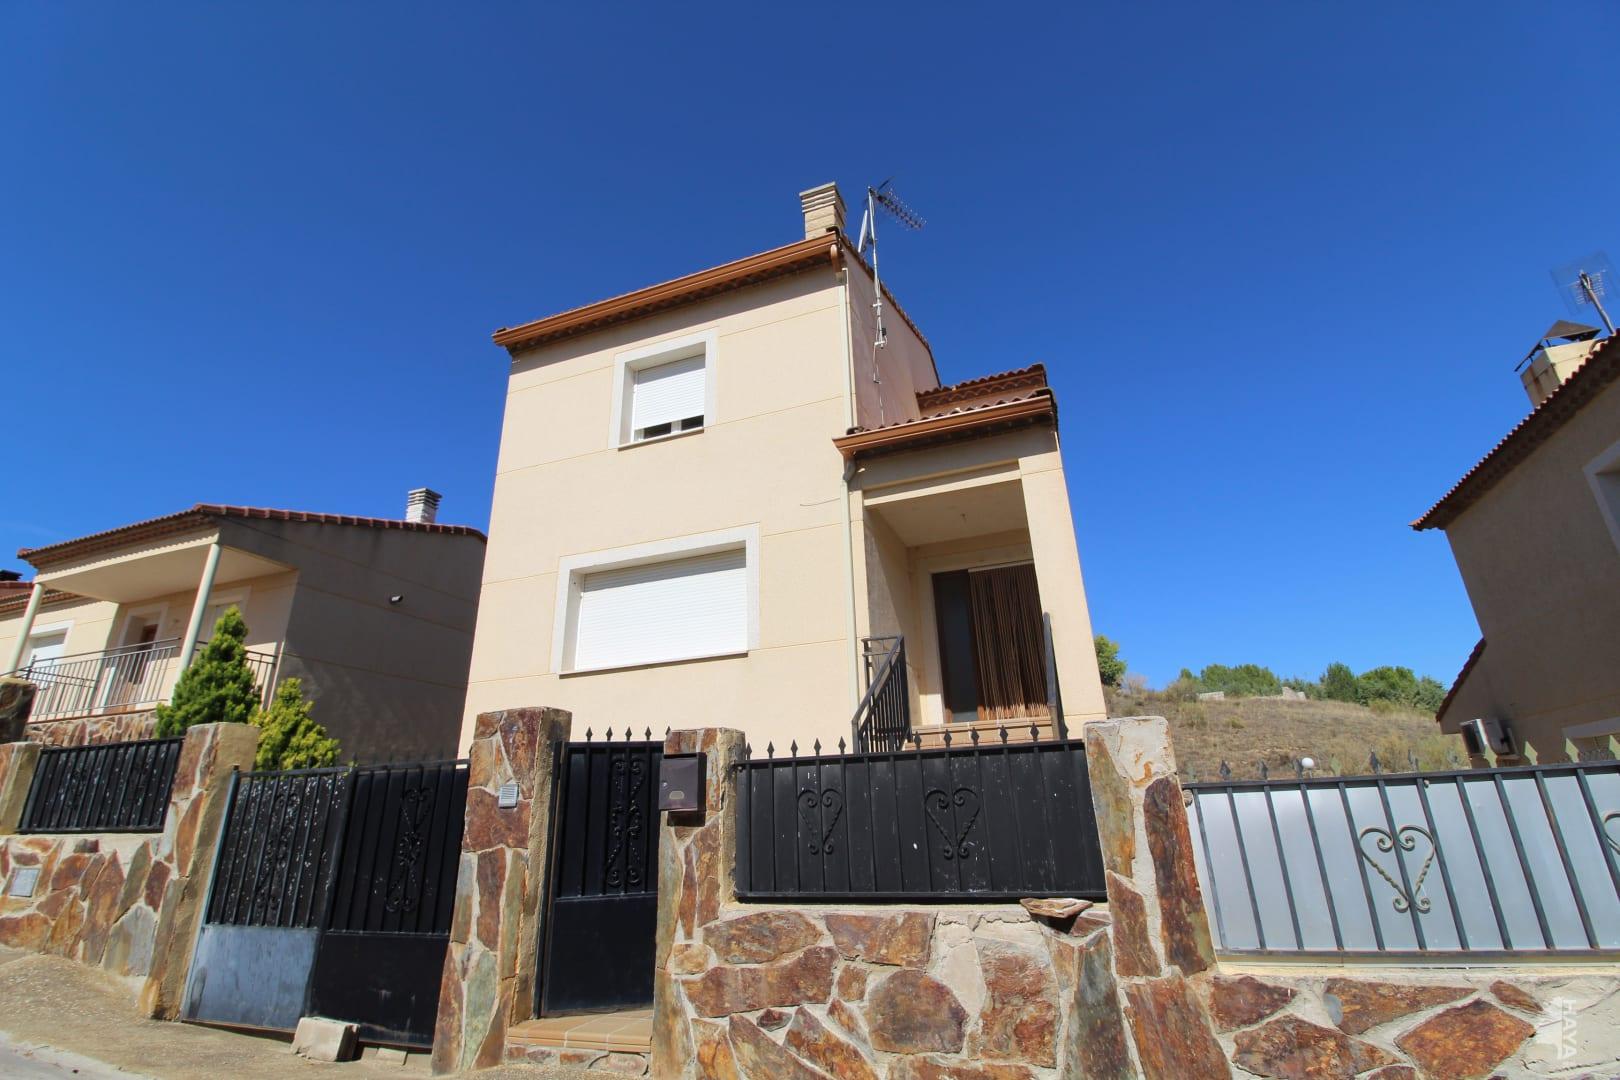 Casa en venta en Espinosa de Henares, Espinosa de Henares, Guadalajara, Calle Fresno, 88.000 €, 3 habitaciones, 1 baño, 188 m2